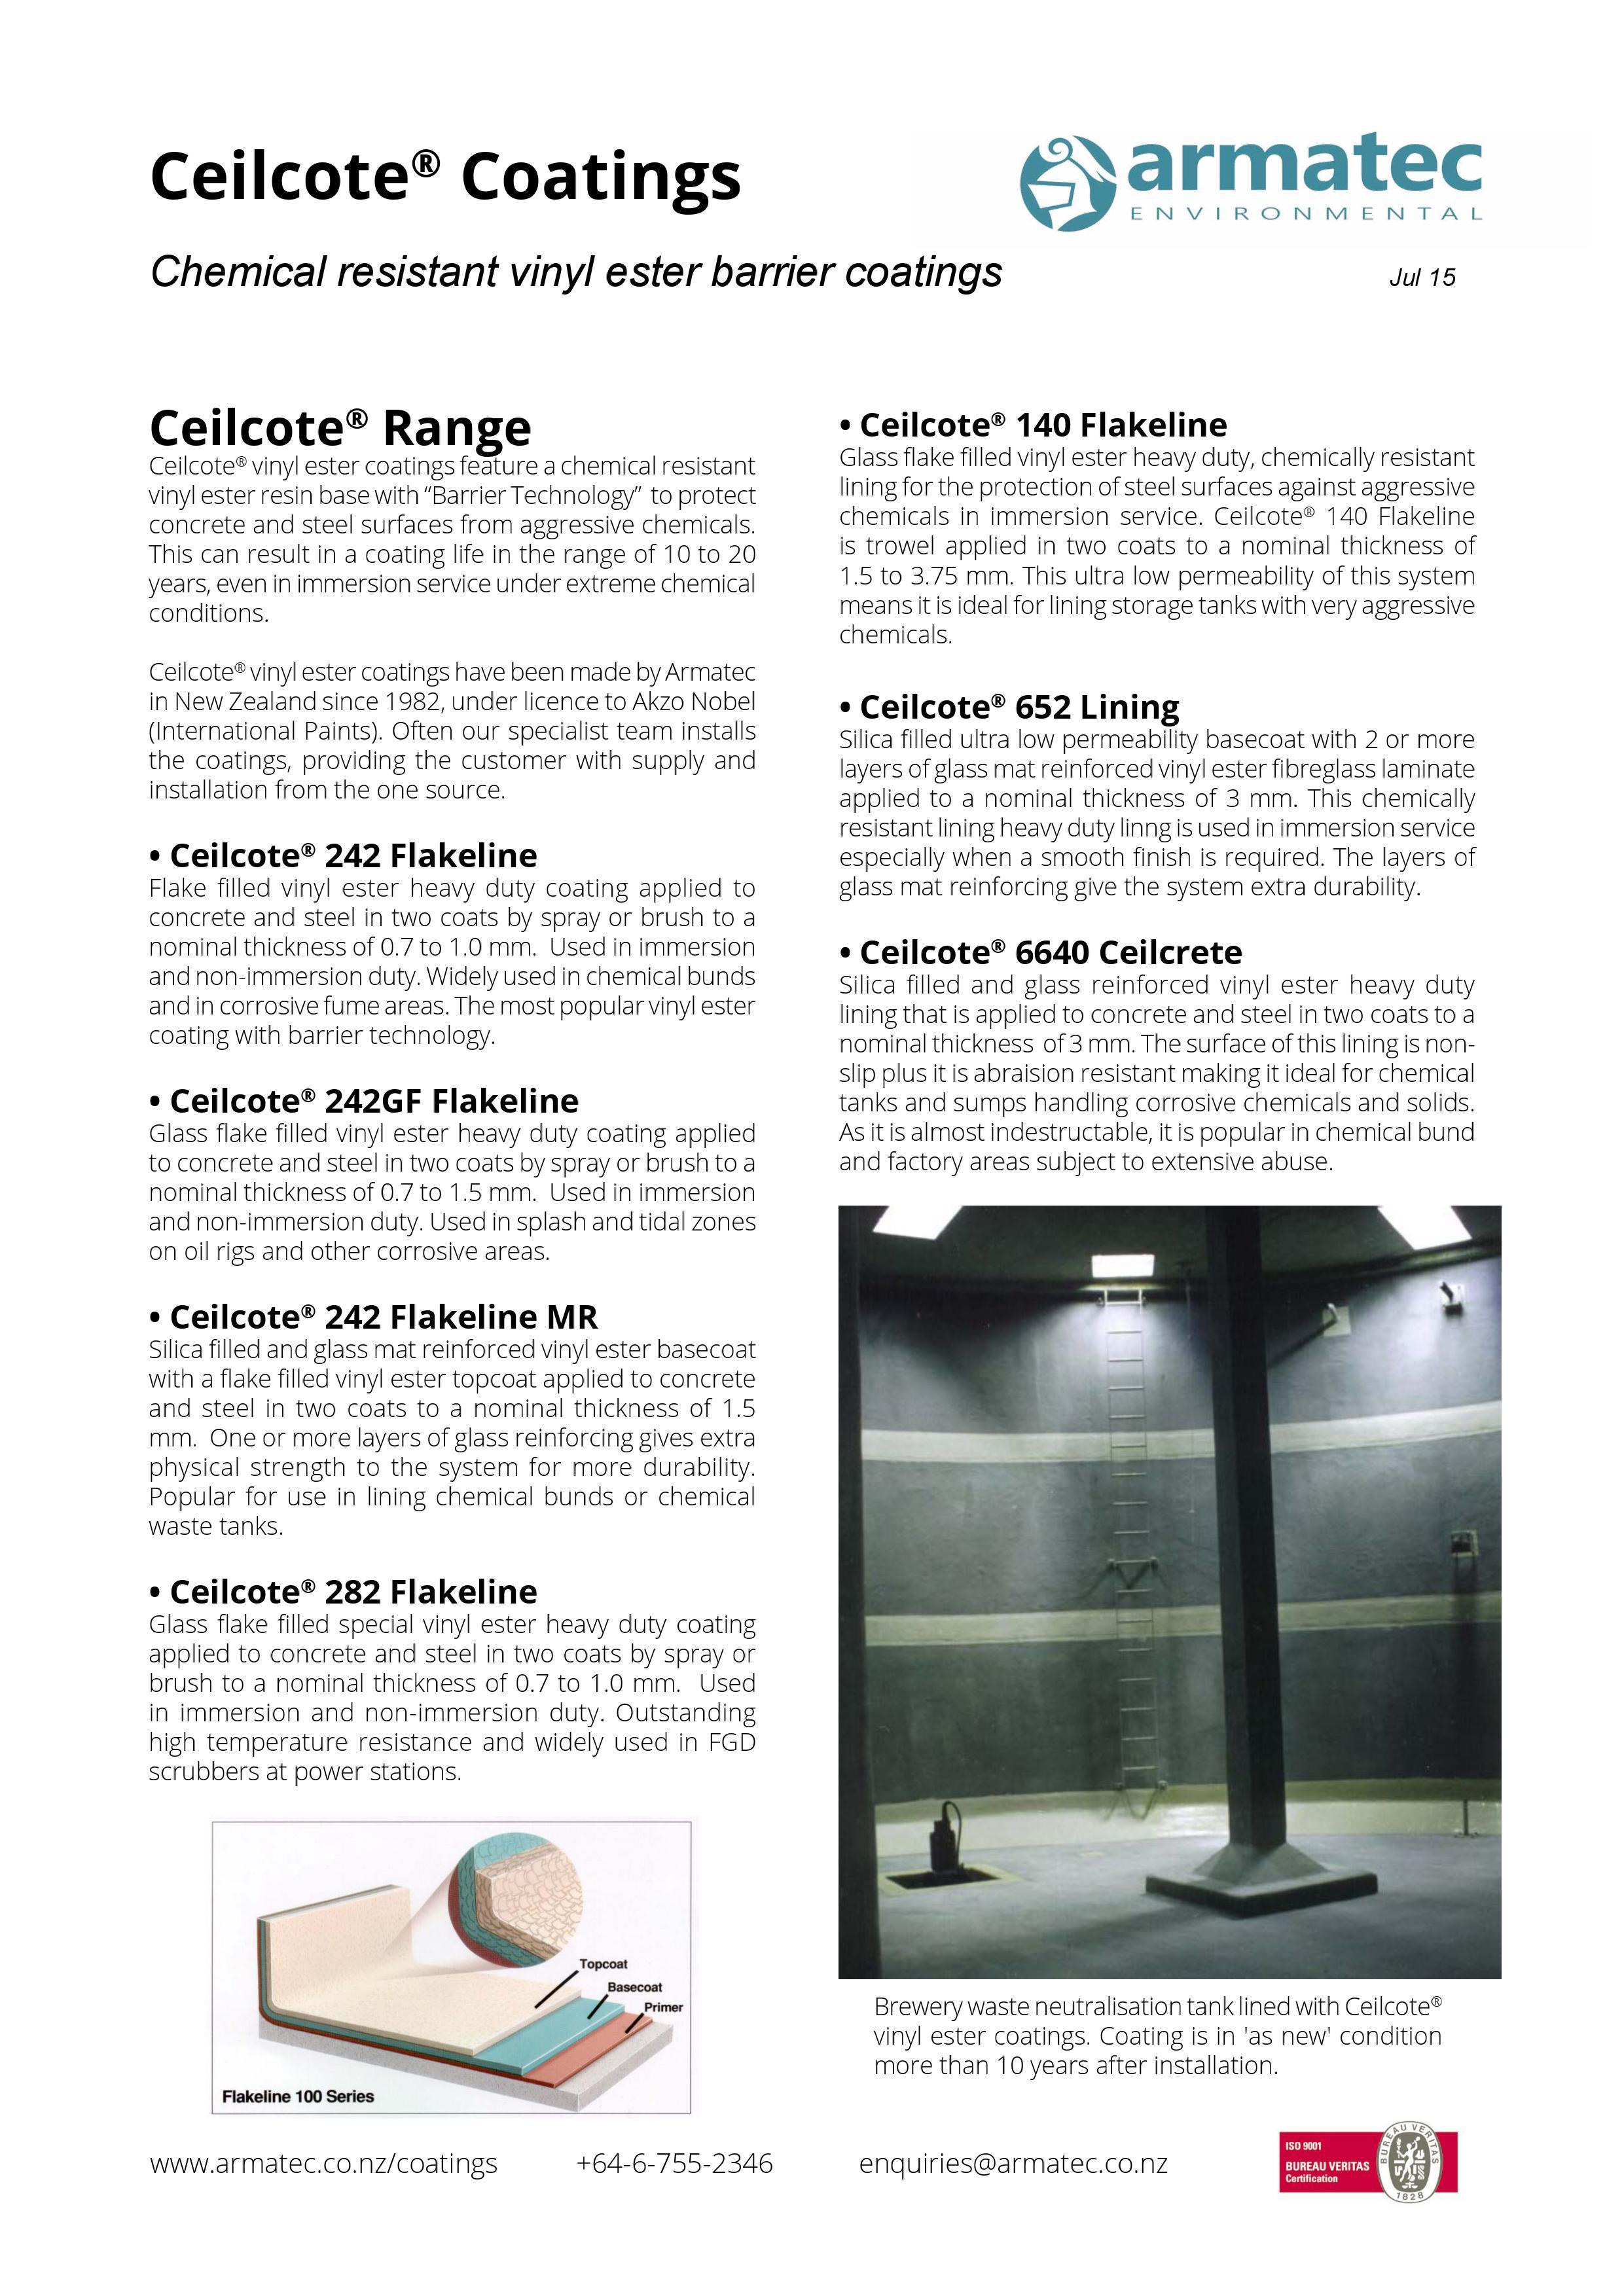 Download the Ceilcote Vinyl Ester Coatings & Linings Handbook